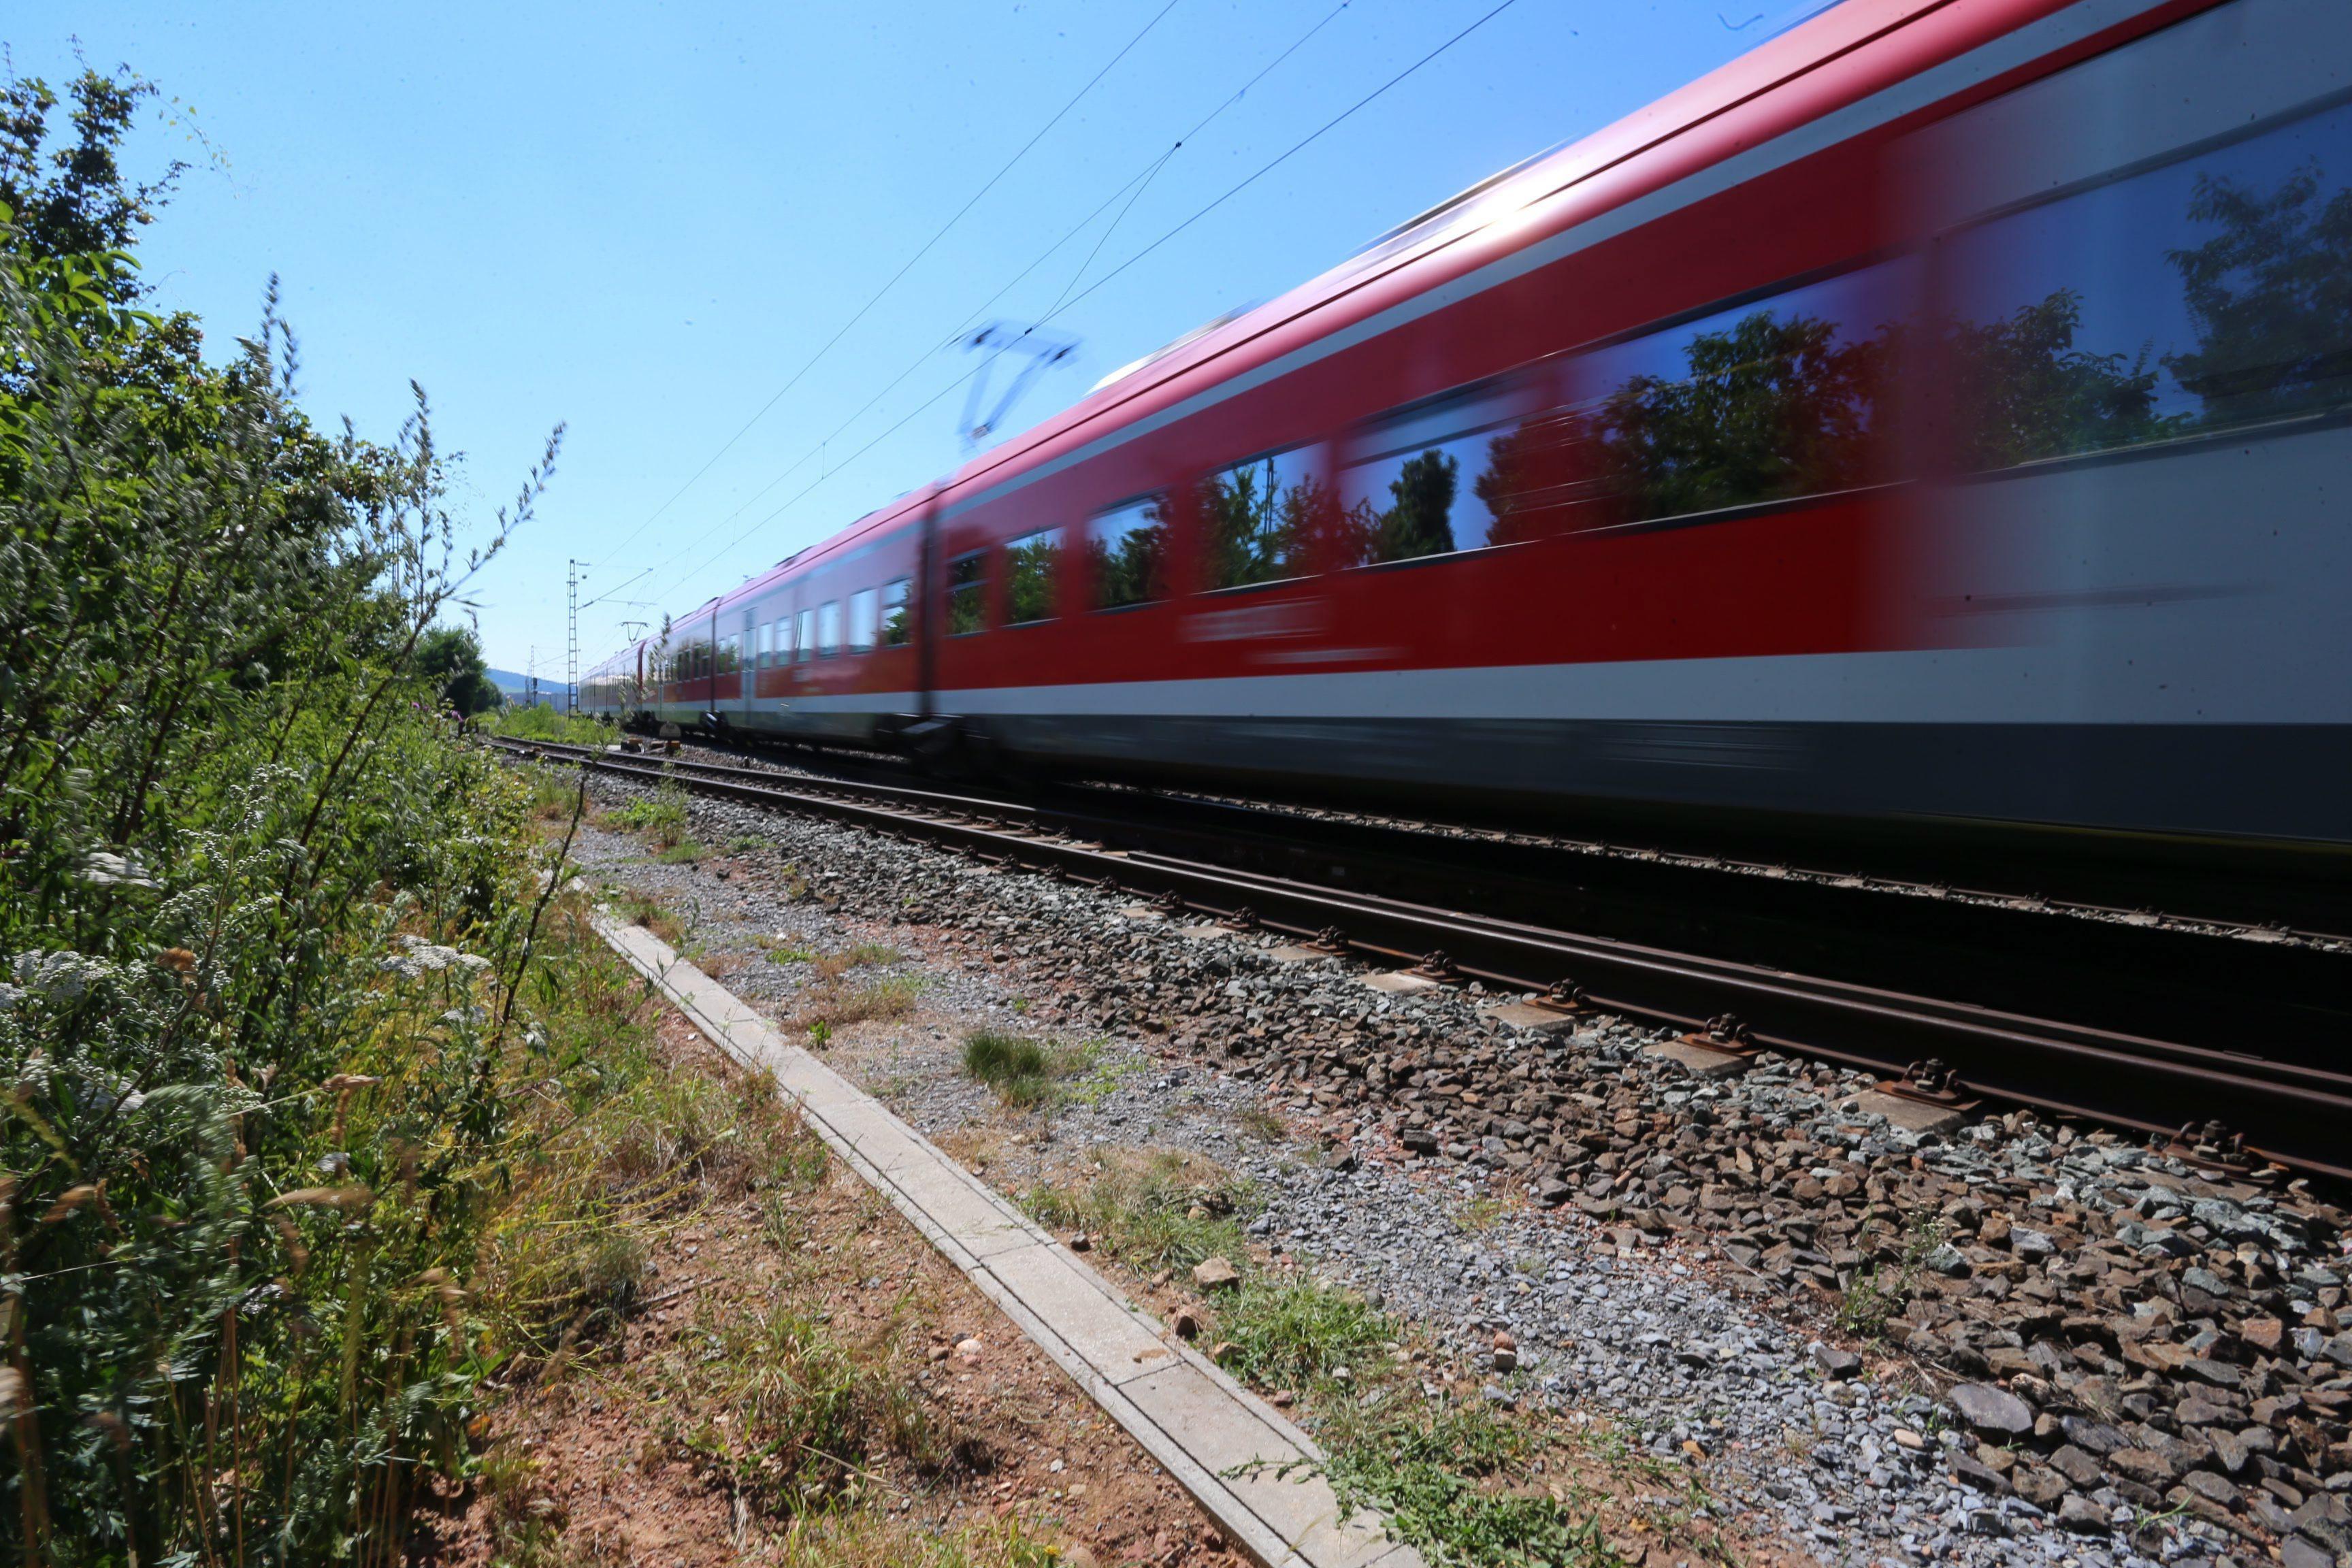 Um morto em atropelamento ferroviário em Castelo Branco